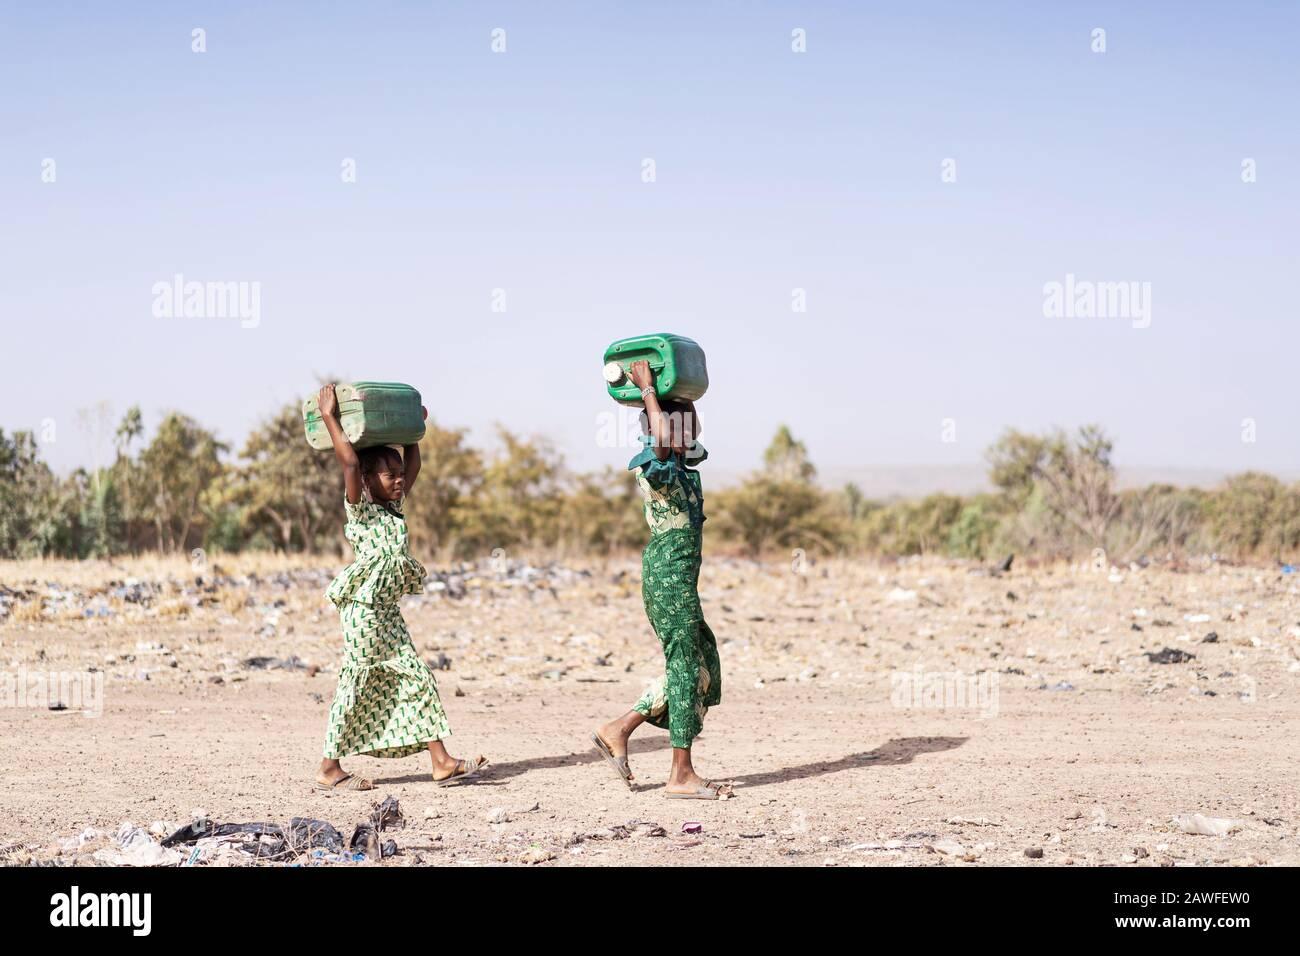 Joyeuse ethnicité africaine Juvenile Rassemblement de l'eau propre dans un village typique Banque D'Images